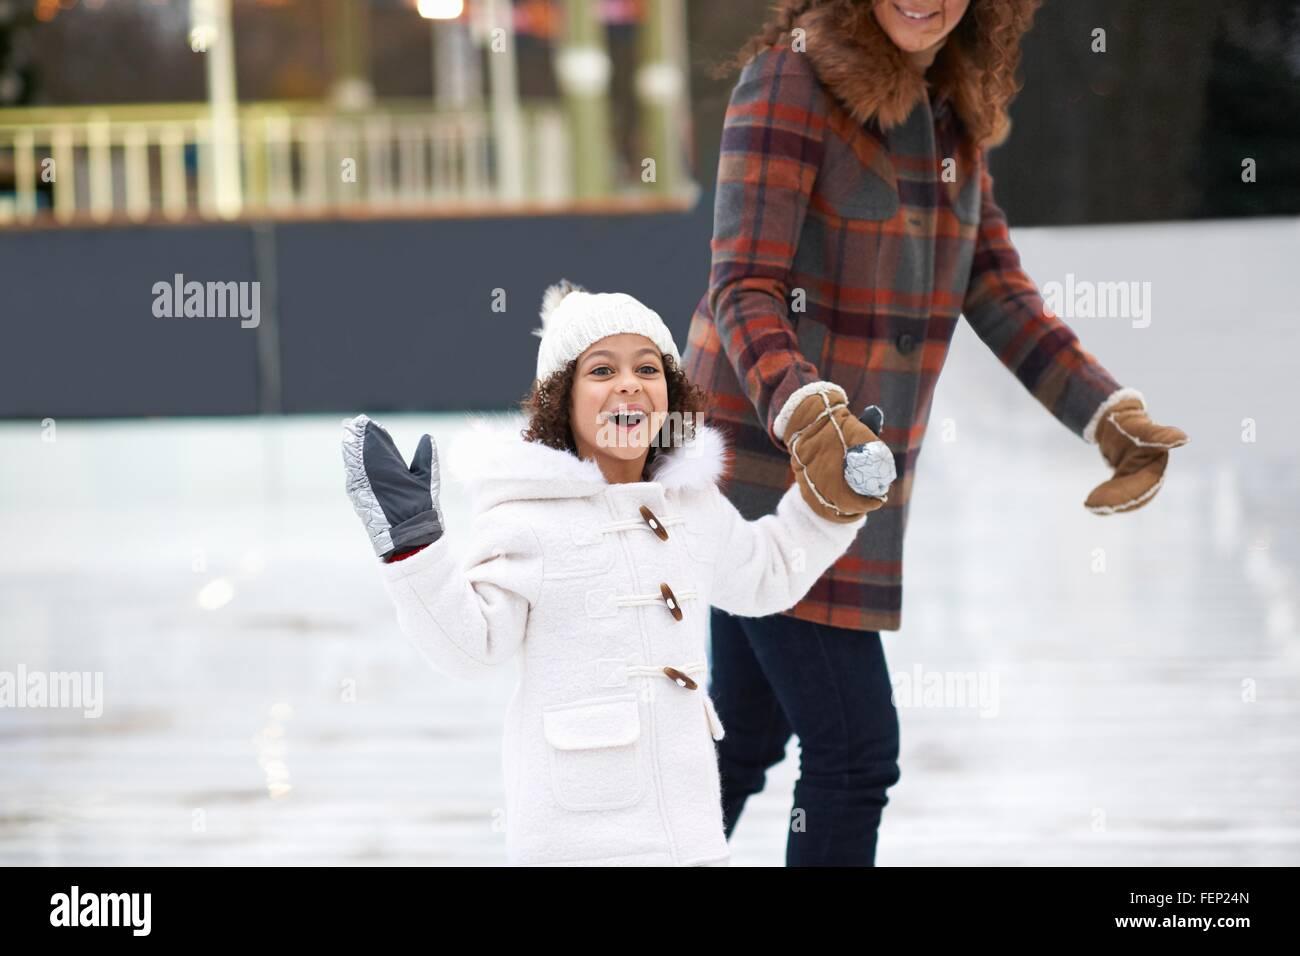 Chica a patinar sobre hielo con las manos de la madre, mirando a la cámara sonriendo Imagen De Stock